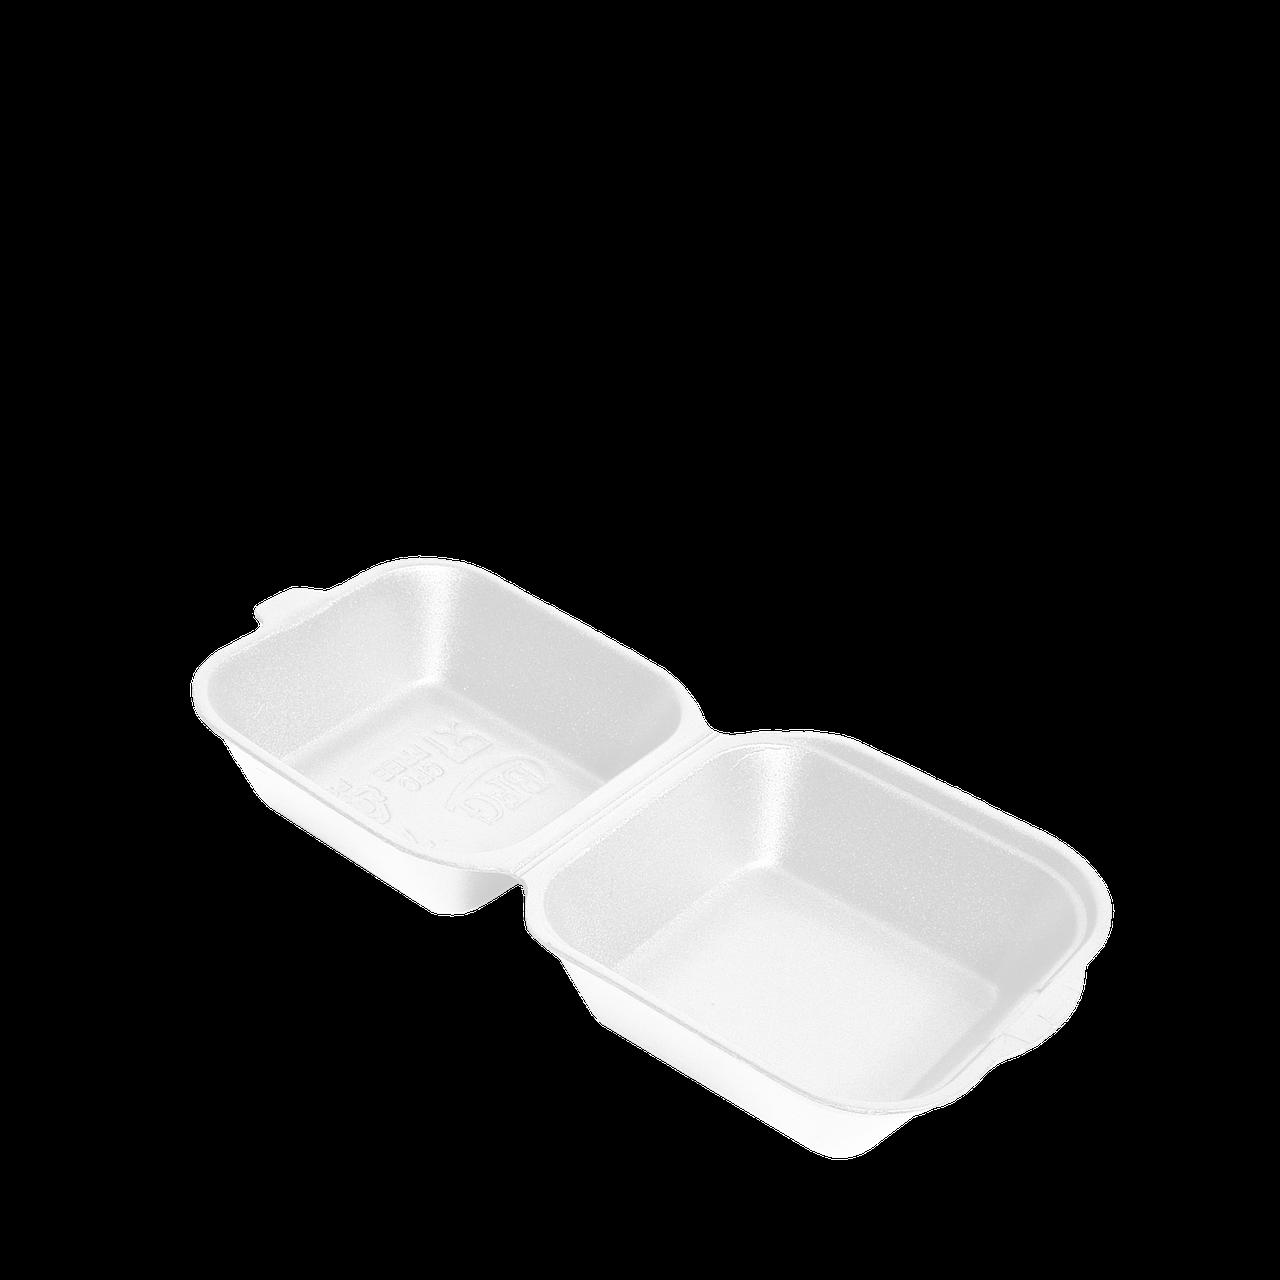 Ланч-бокс БІЛИЙ HB-6 УПАКОВКА 15шт (для сендвіча) 150x150x70